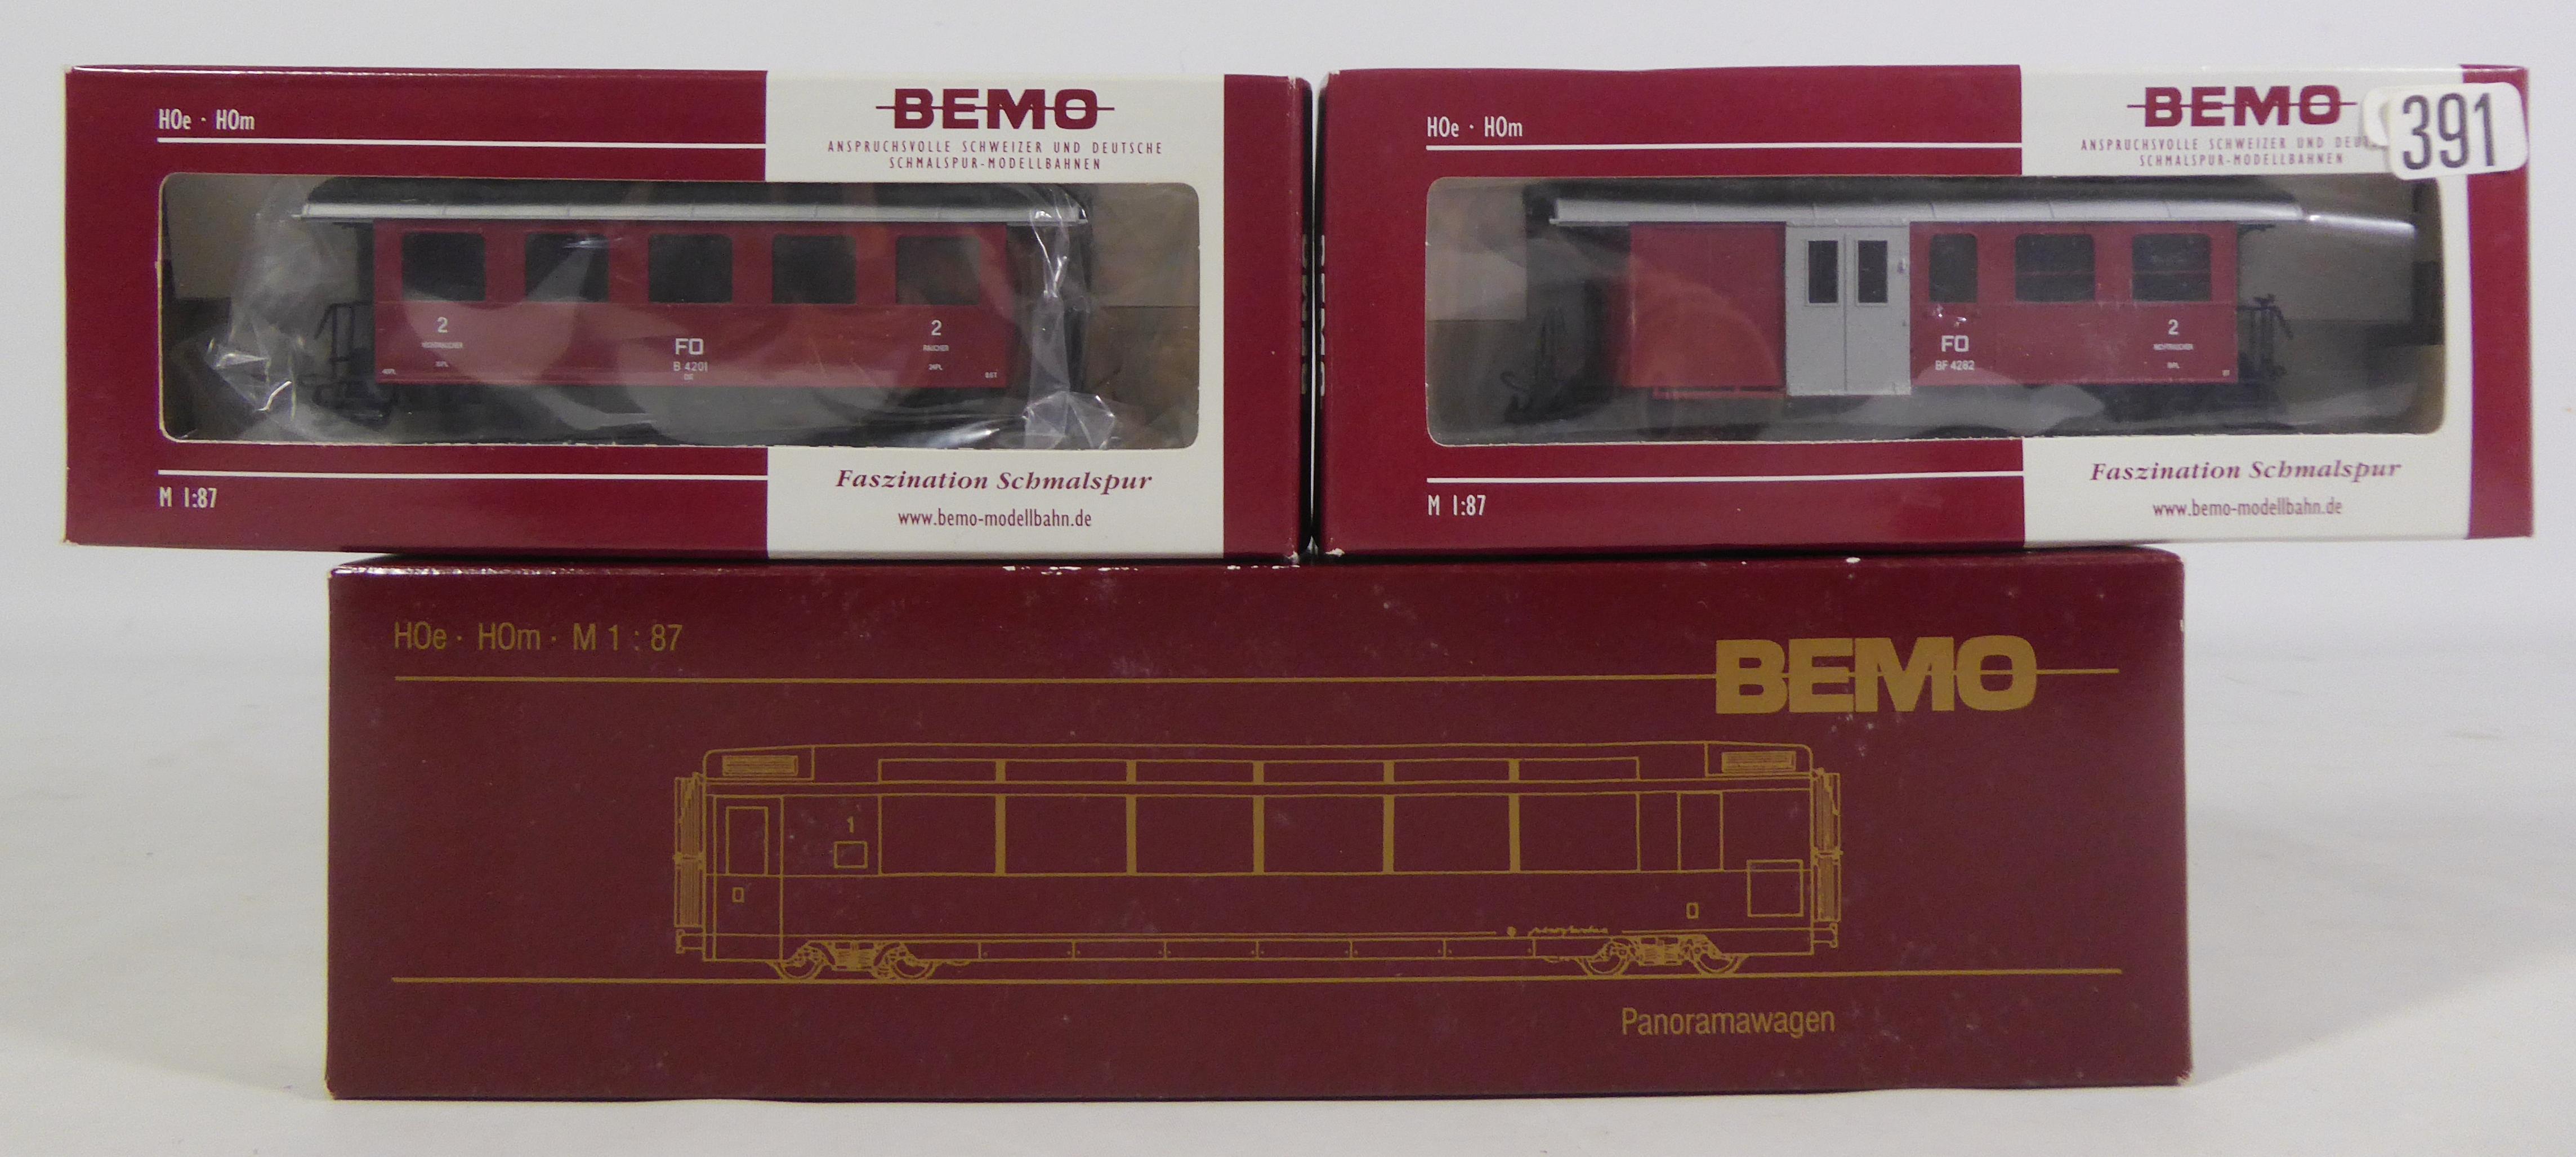 Trains Hom Voitures FoJouets Miniatures Échelle Bemo3 xBordCe